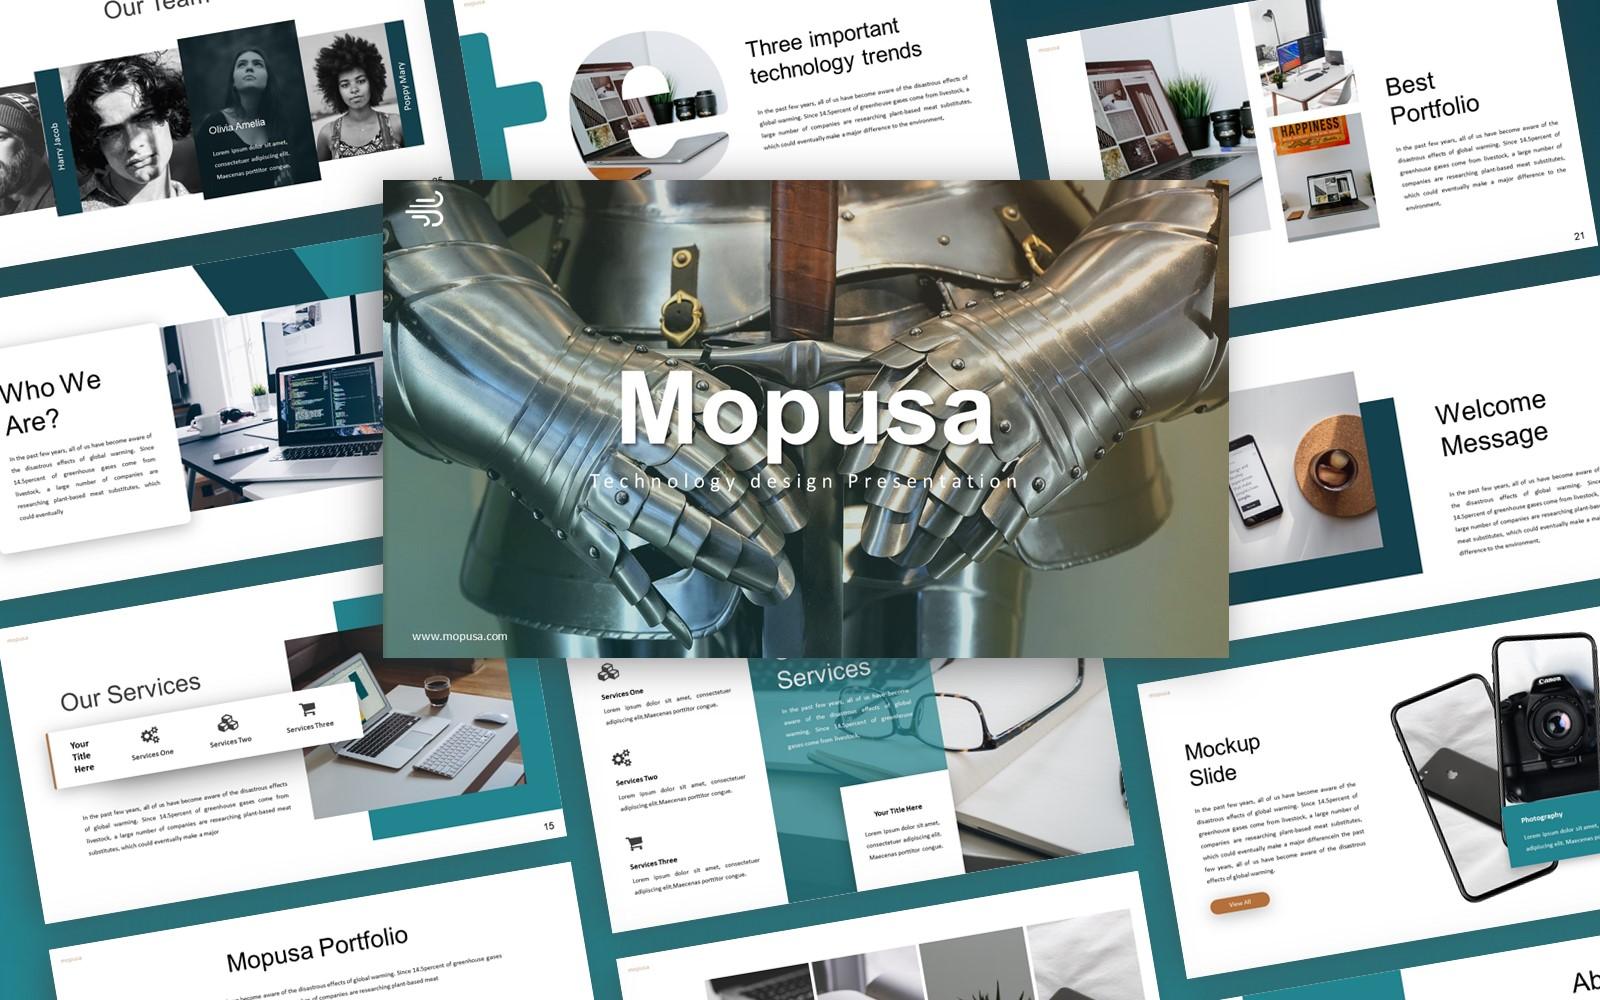 Mopusa Technology Presentation PowerPoint Template